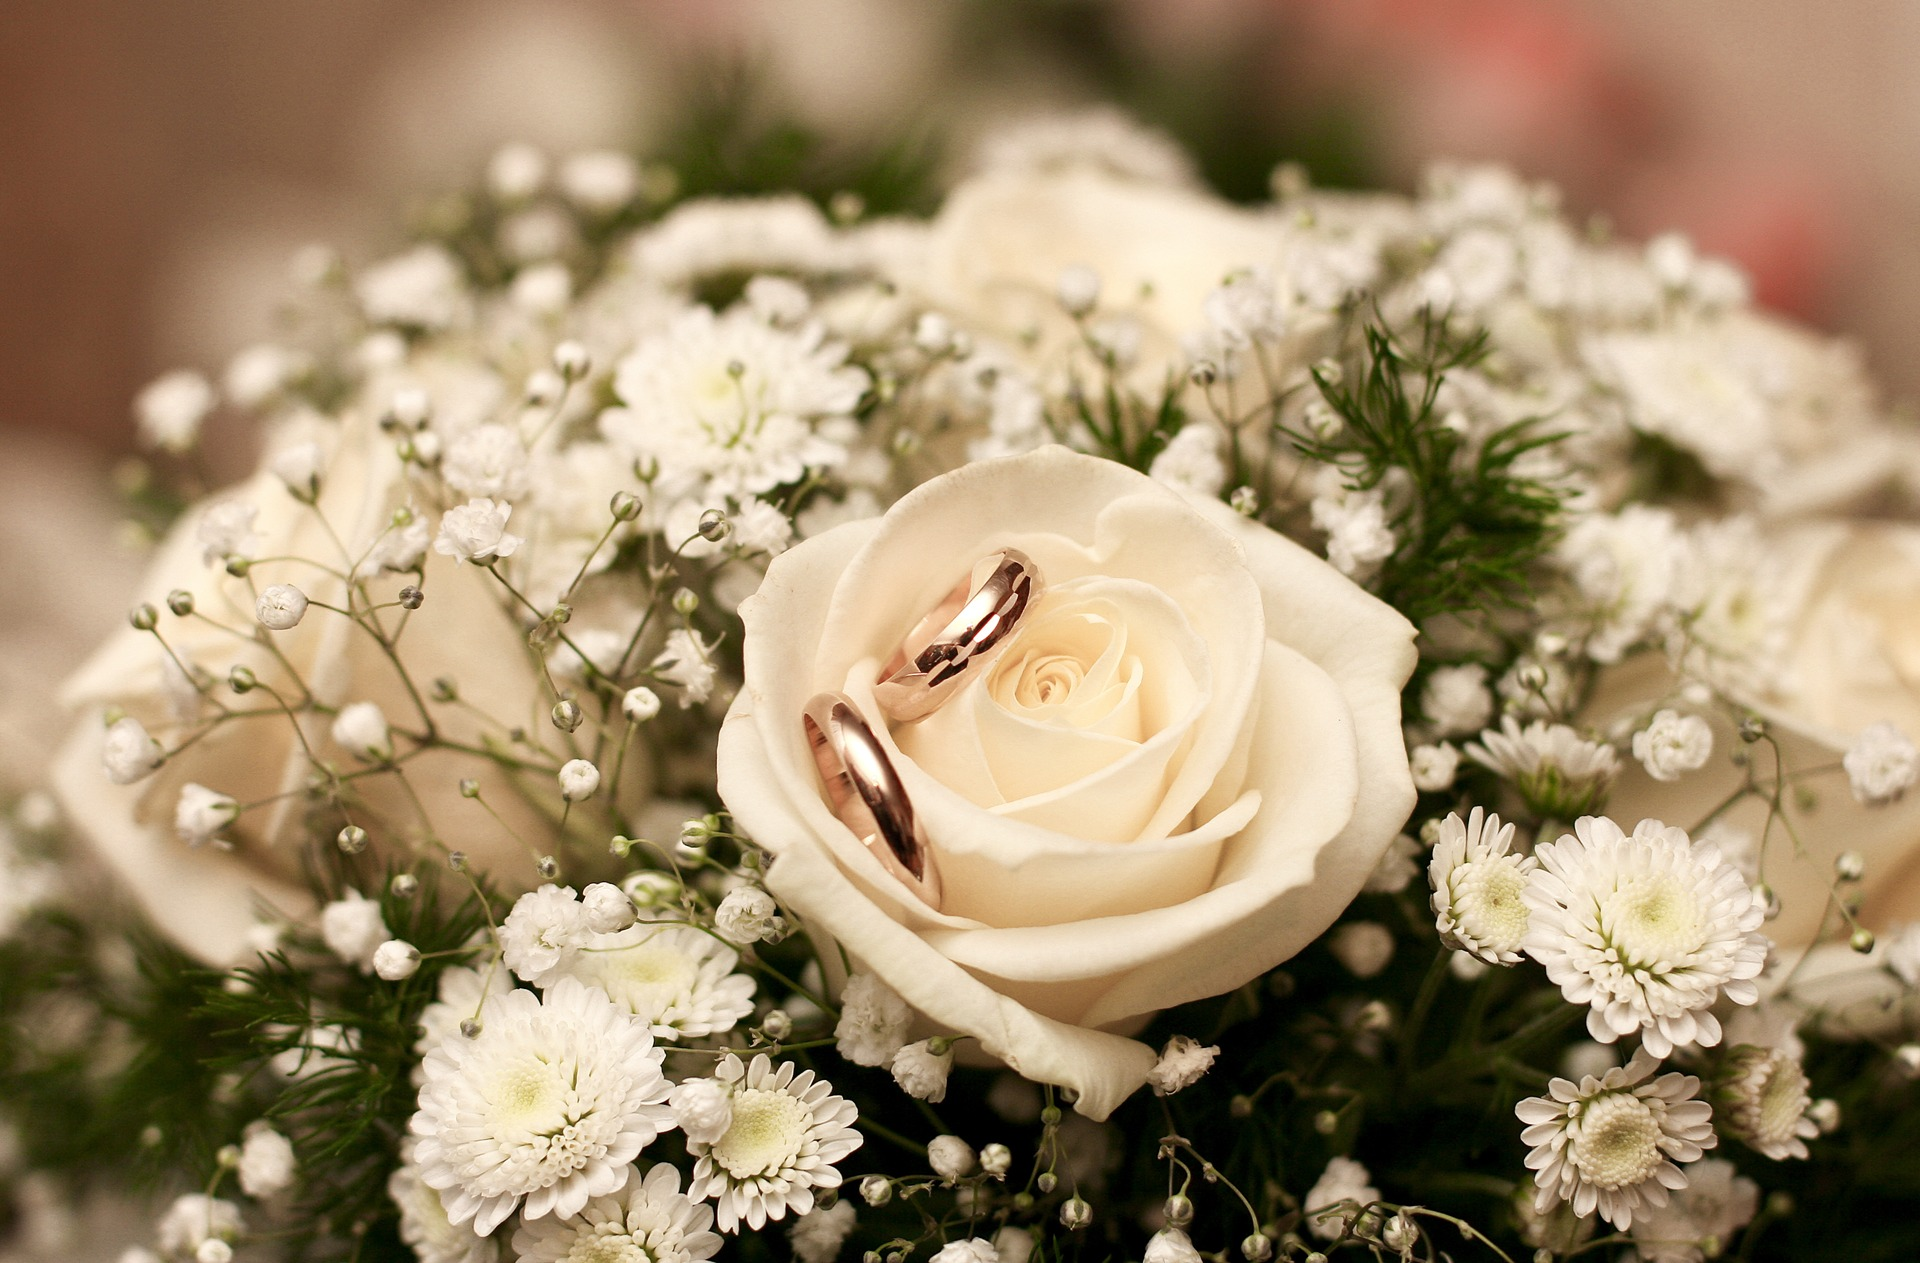 годовщина свадьбы фото и картинки